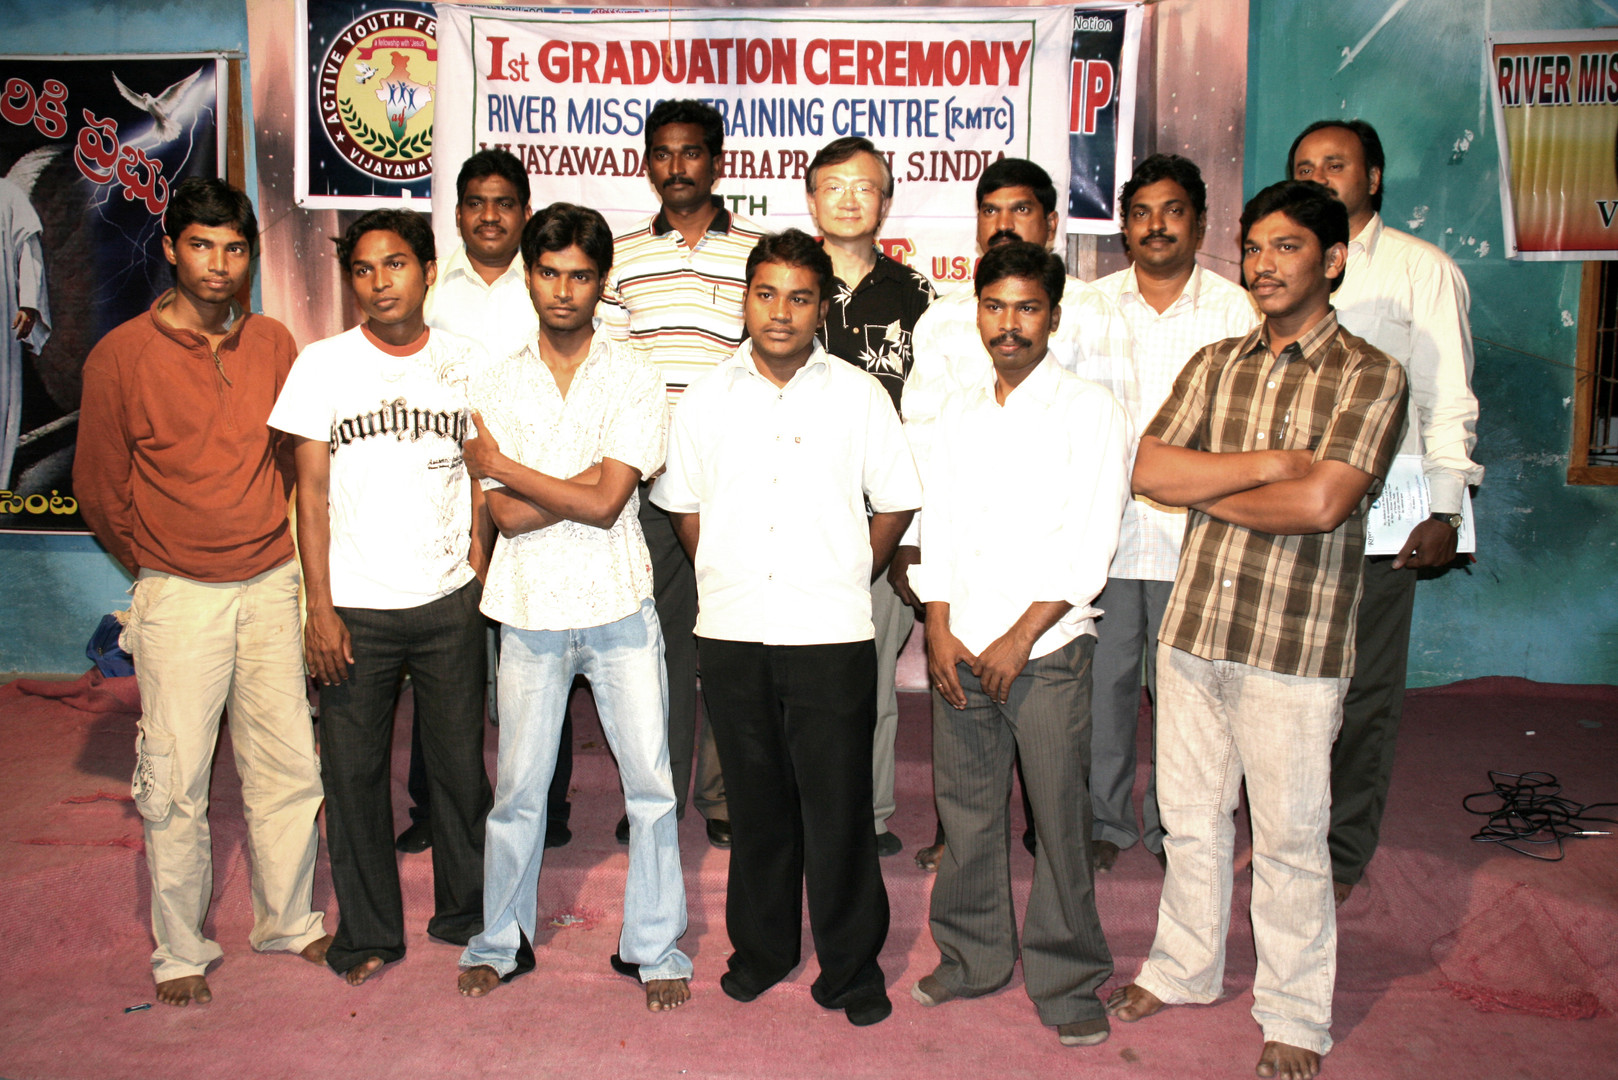 RMTC graduates in India